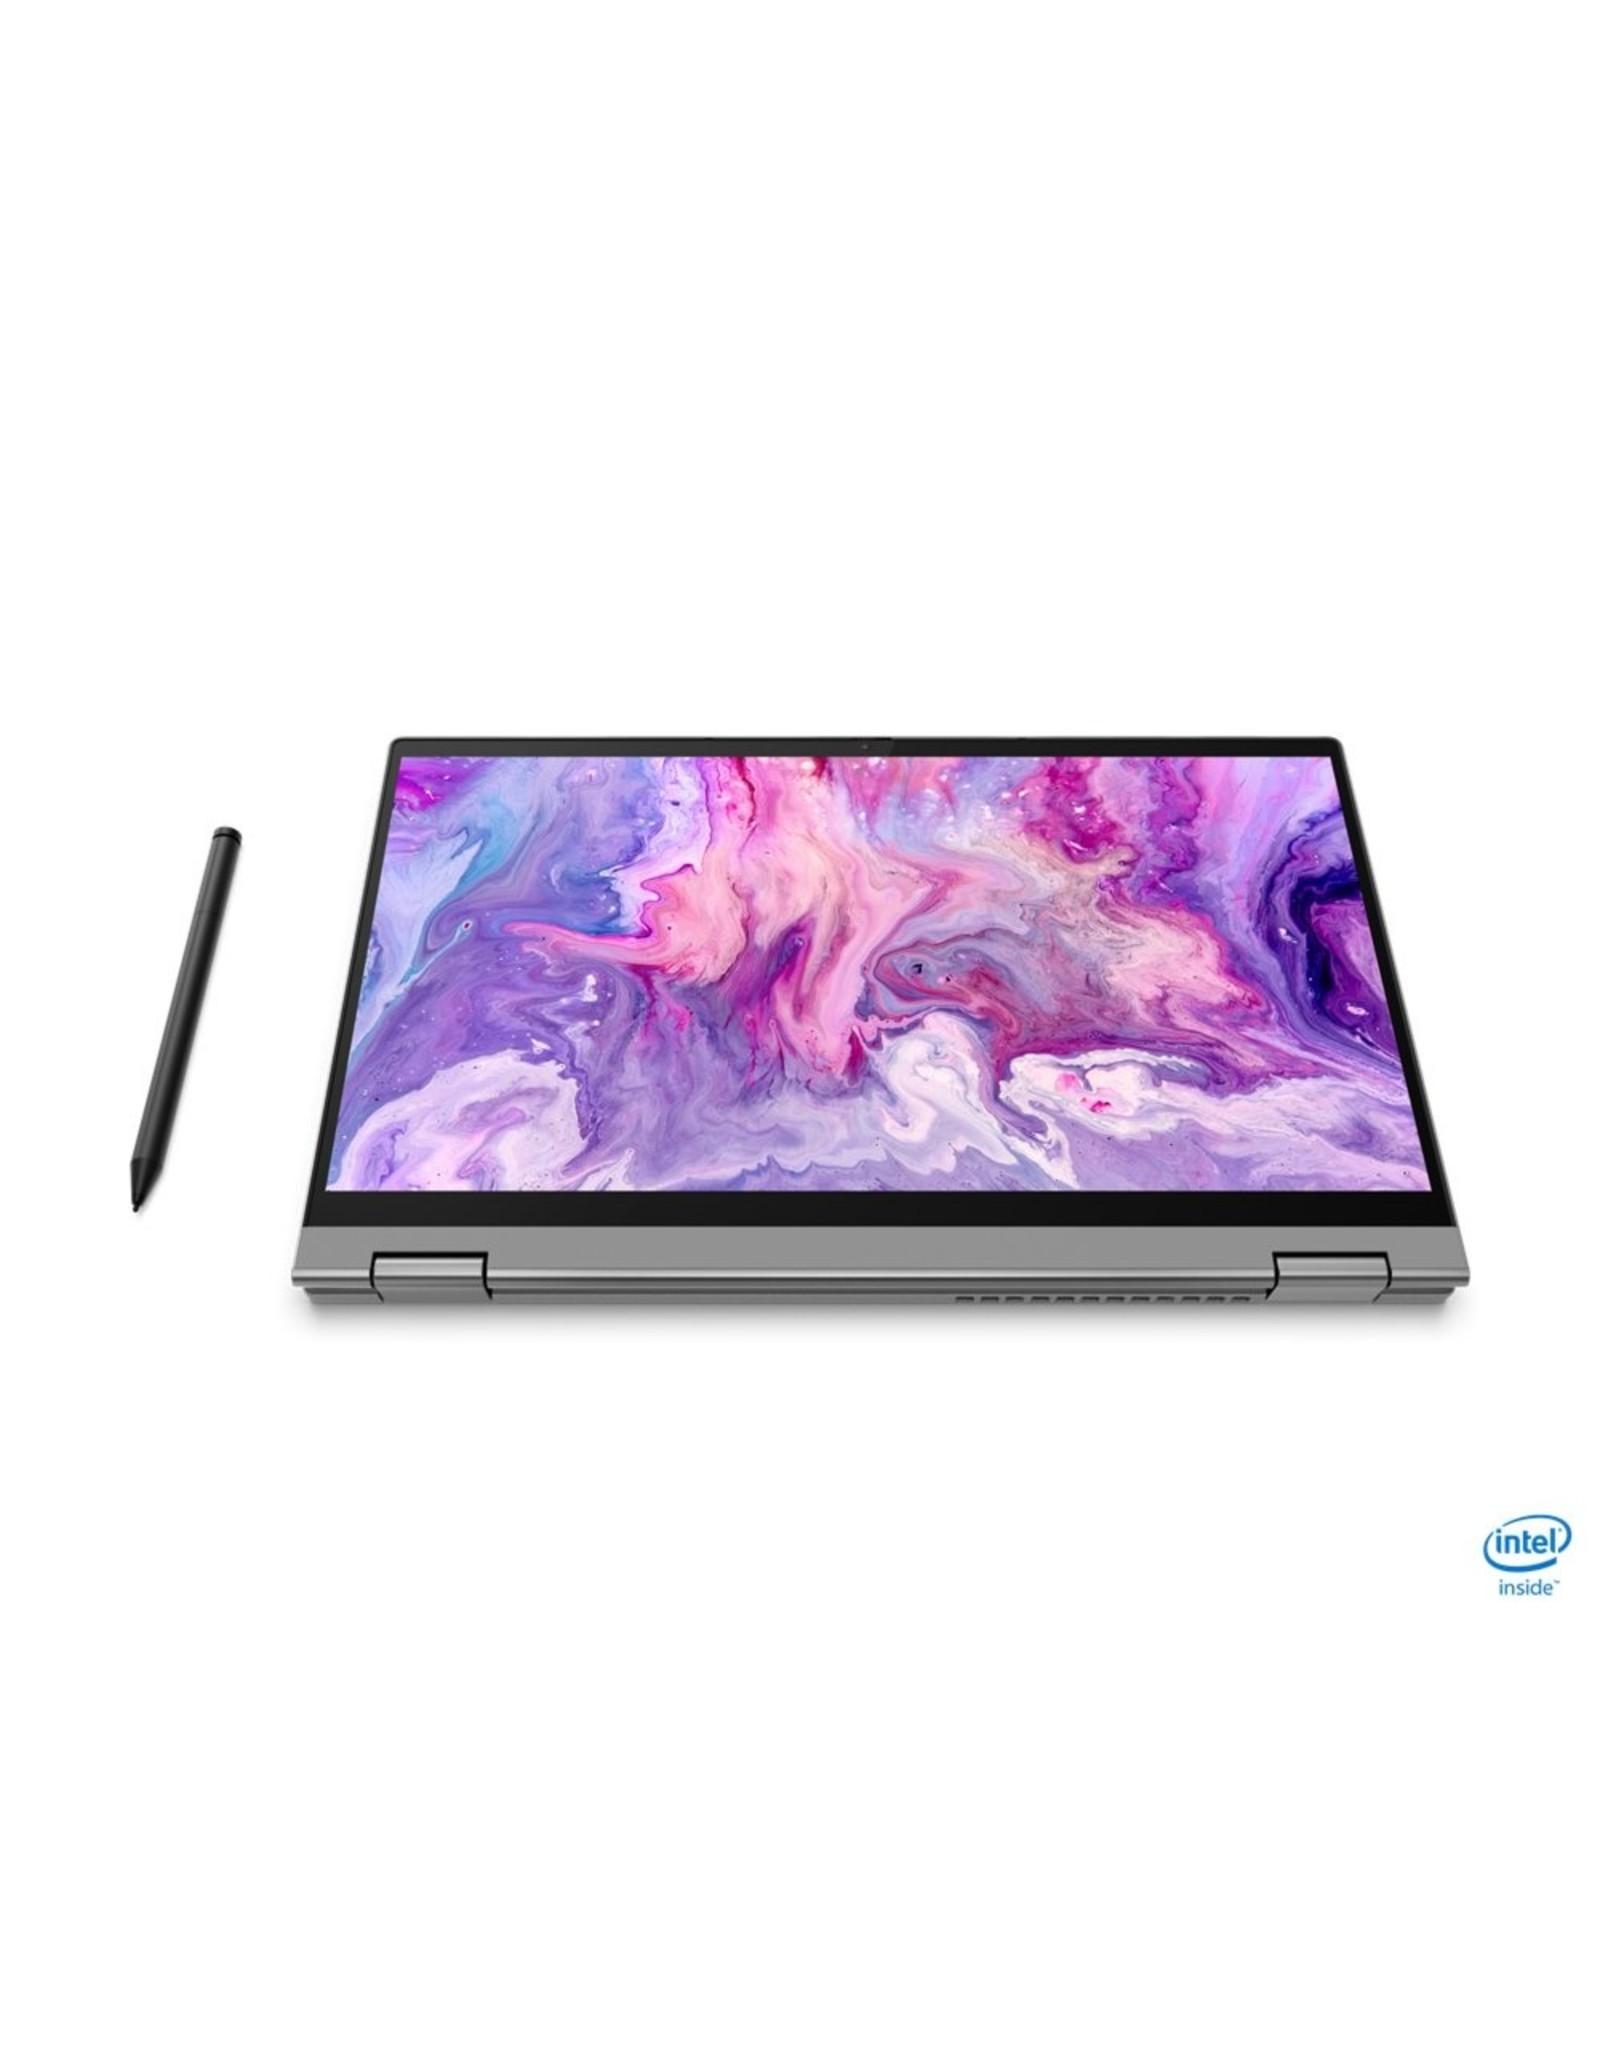 Lenovo Flex 5 14.0 F-HD TOUCH I5 1135G7 / 8GB / 256GB / W10